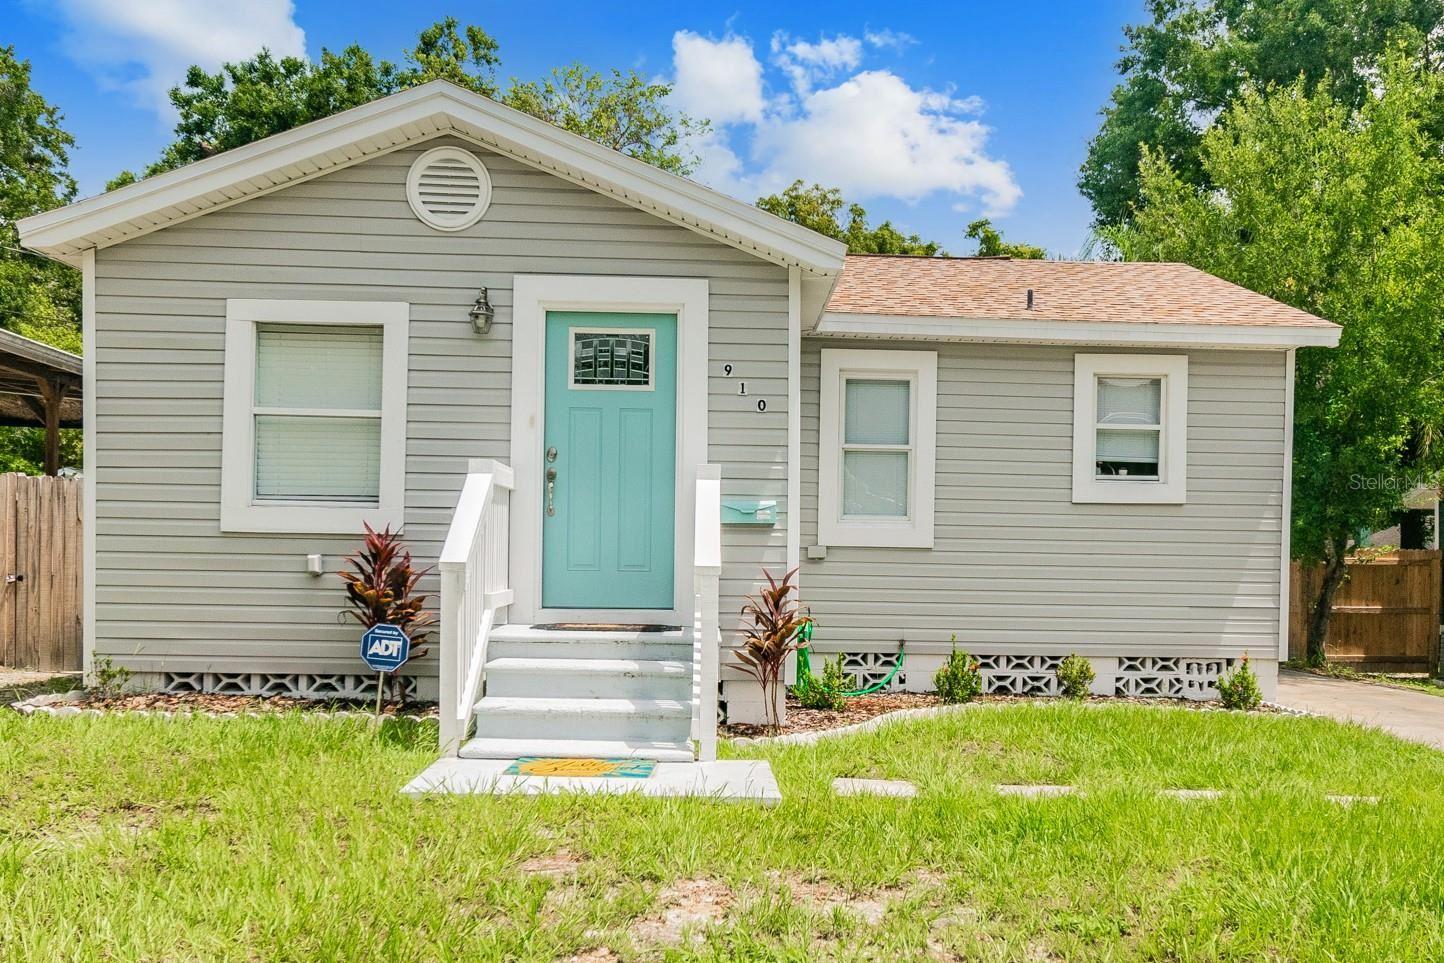 910 E ROBSON STREET, Tampa, FL 33604 - MLS#: T3316890